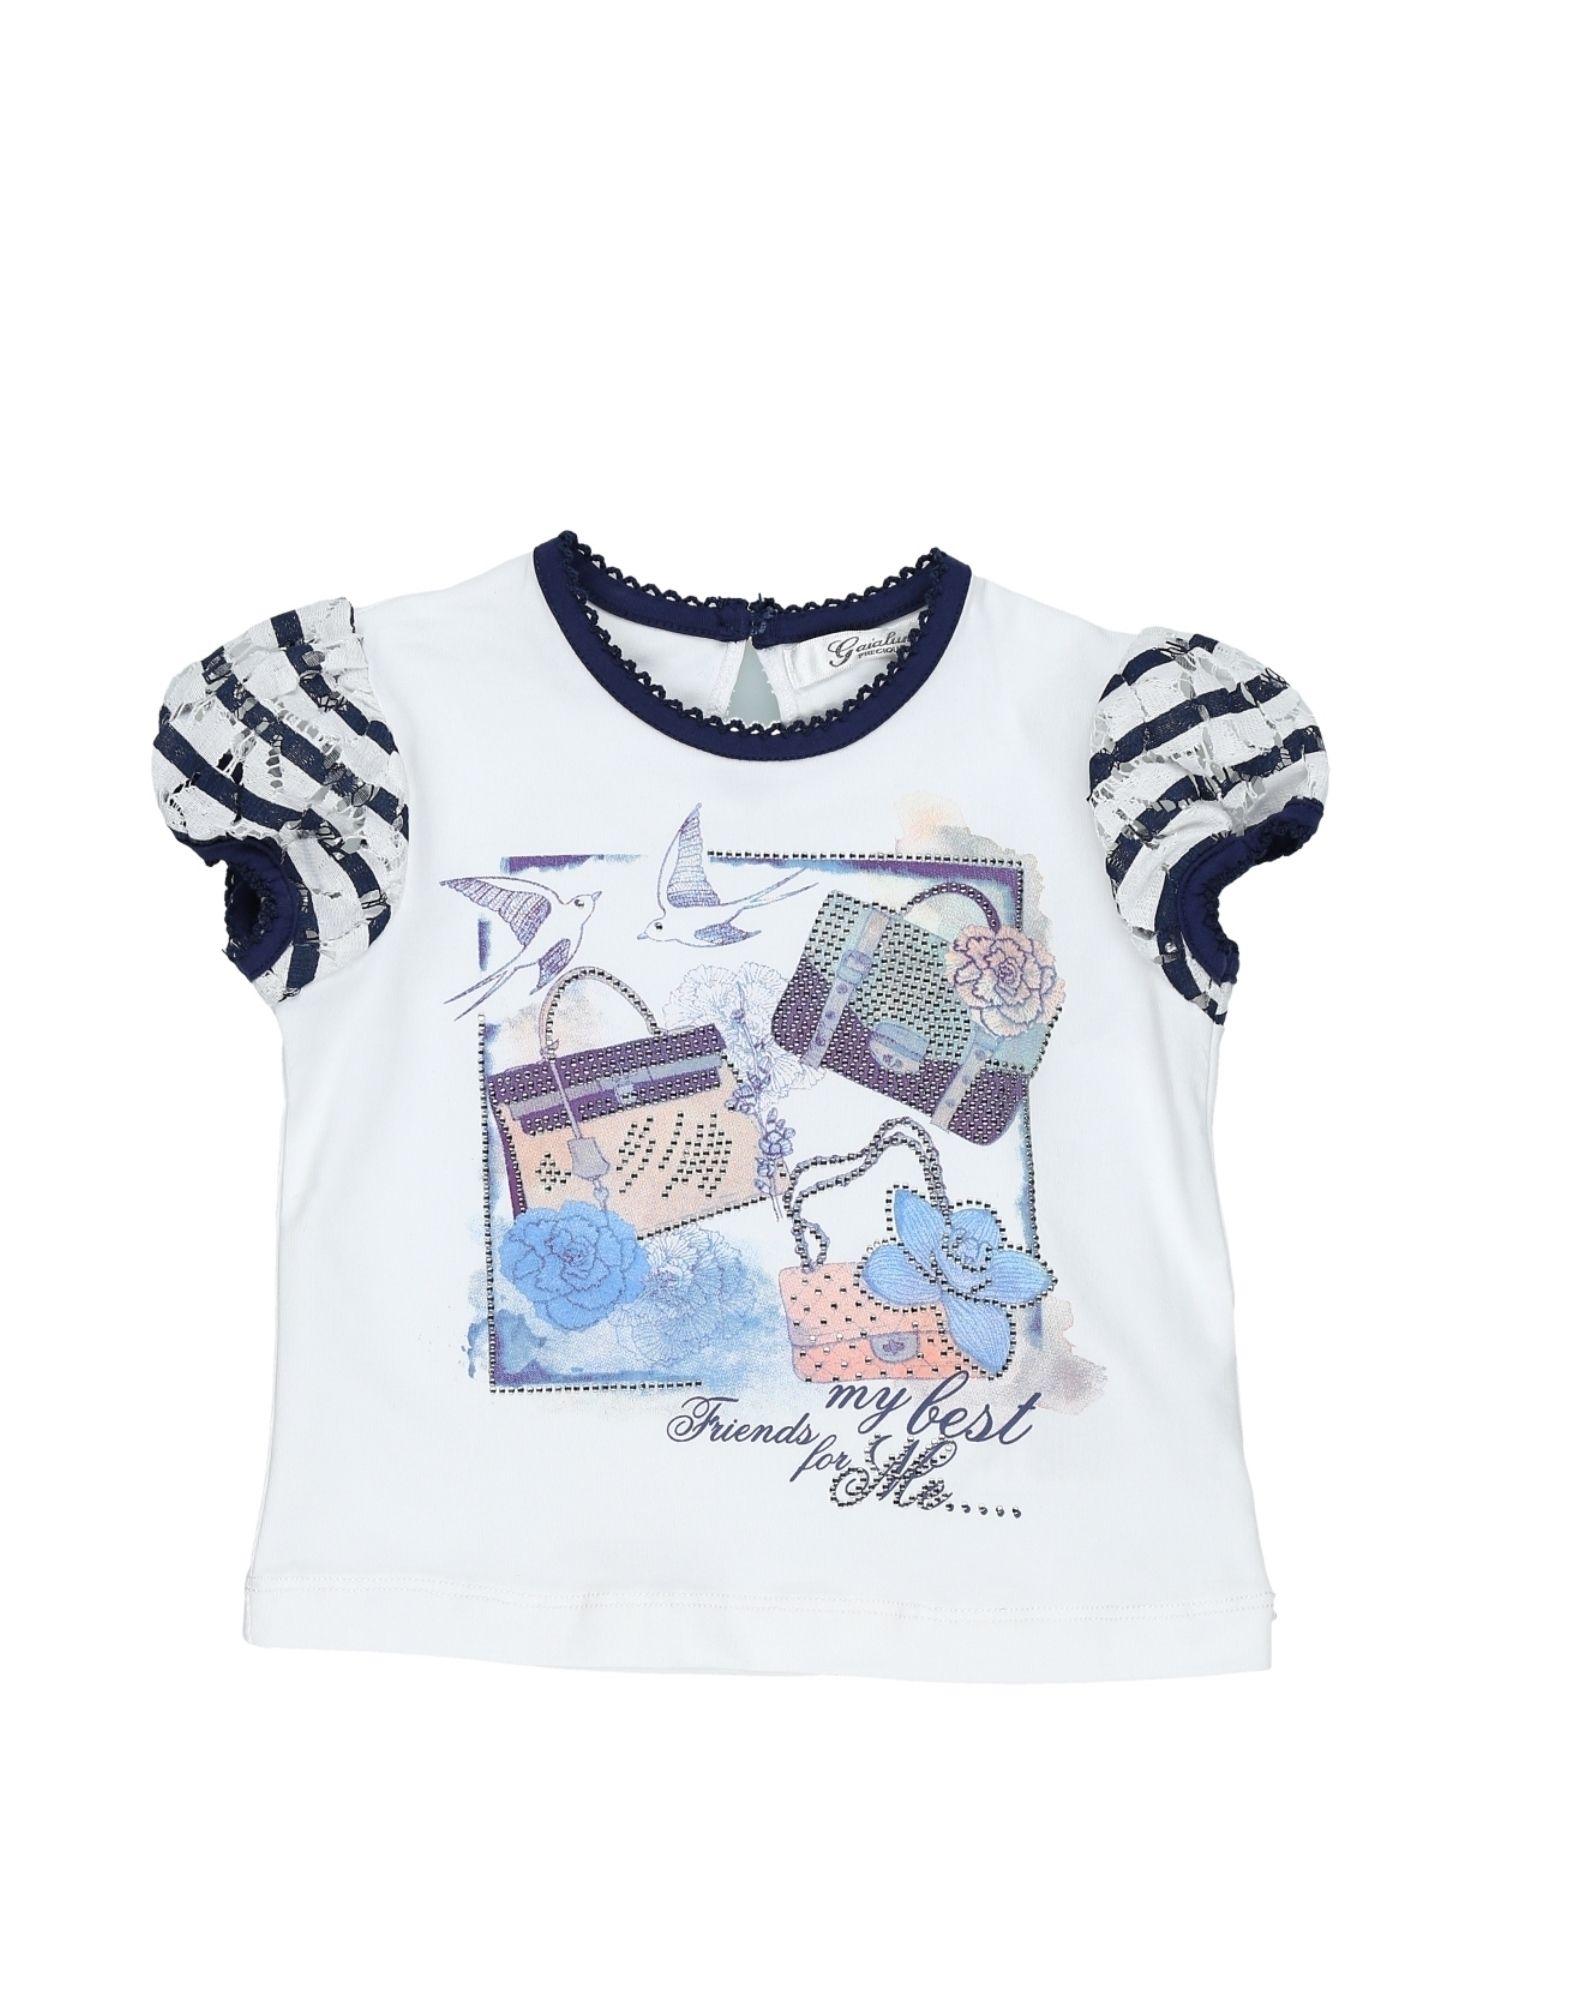 Gaialuna Kids' T-shirts In Multi